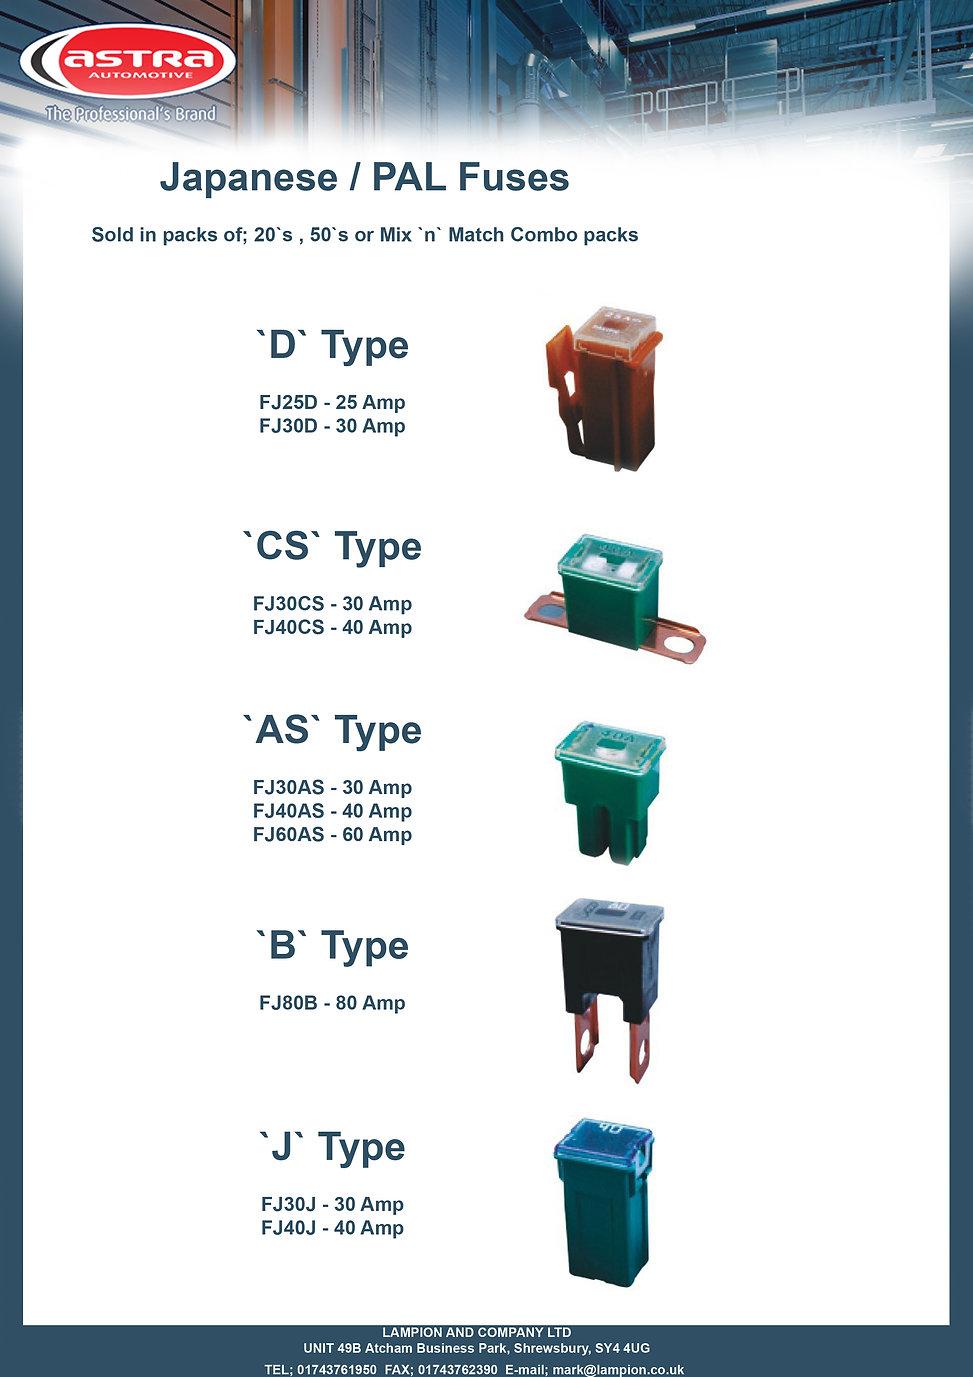 Japanese fuses copy.jpg